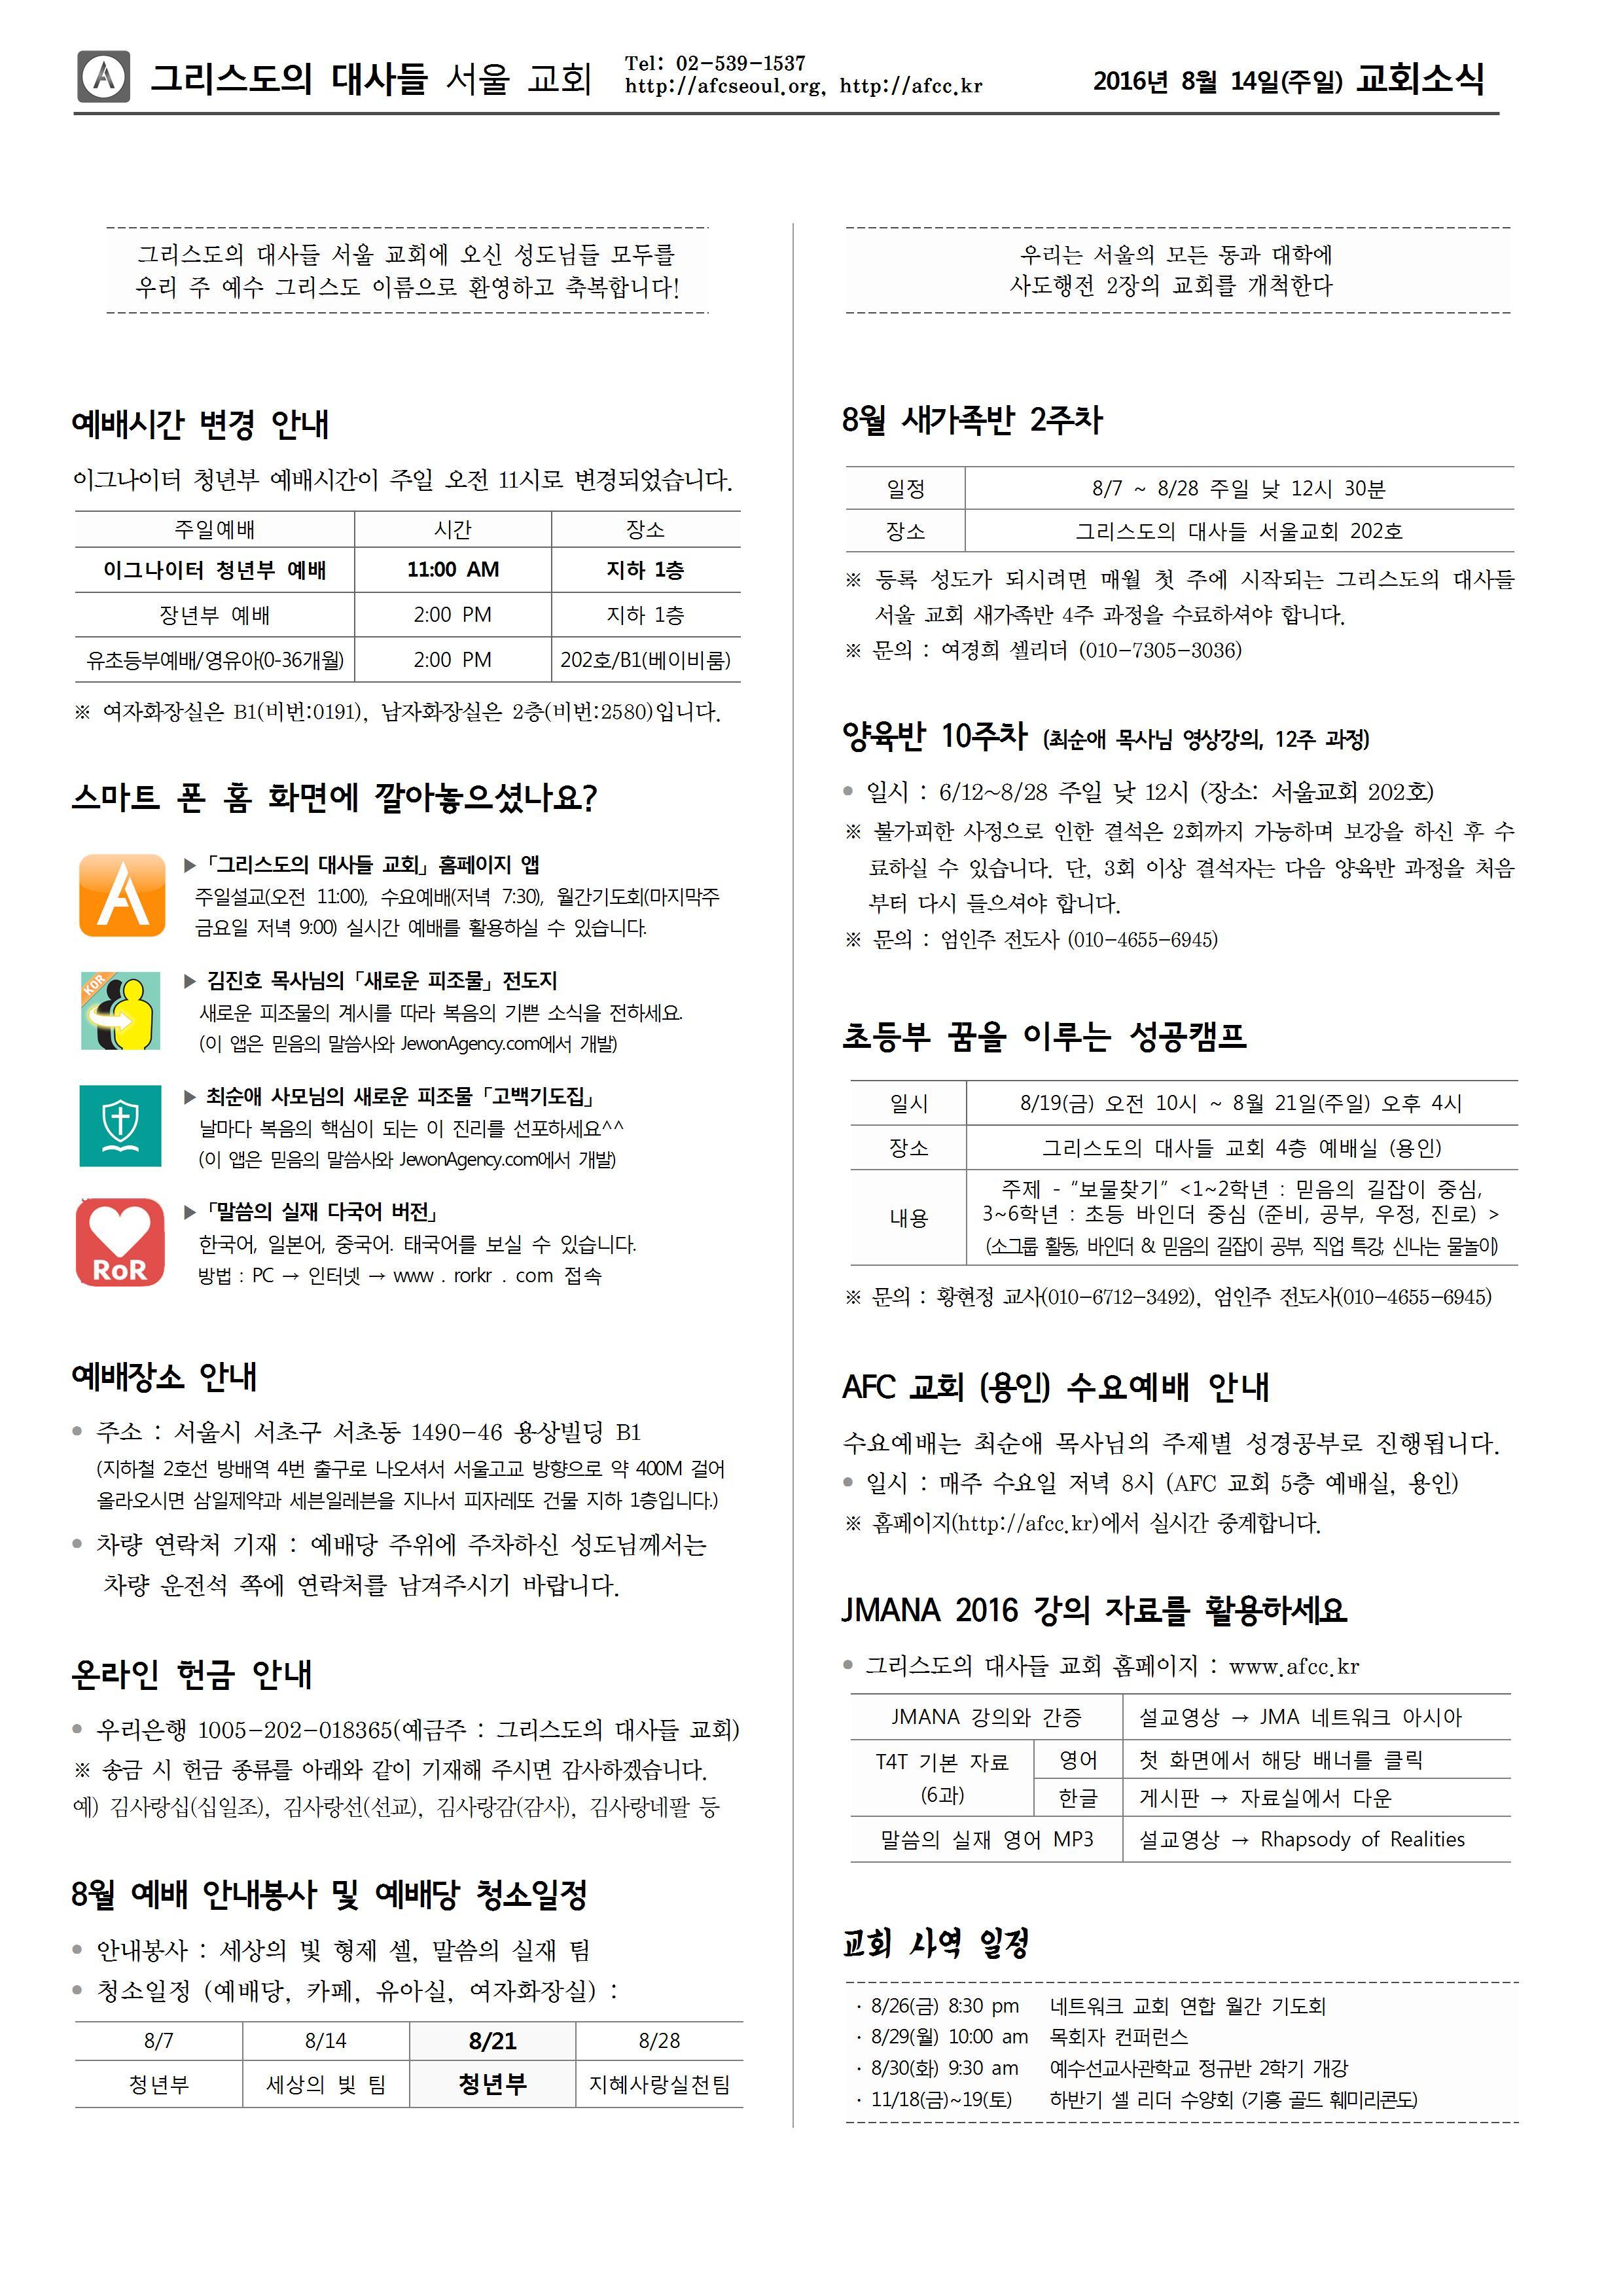 서울image001